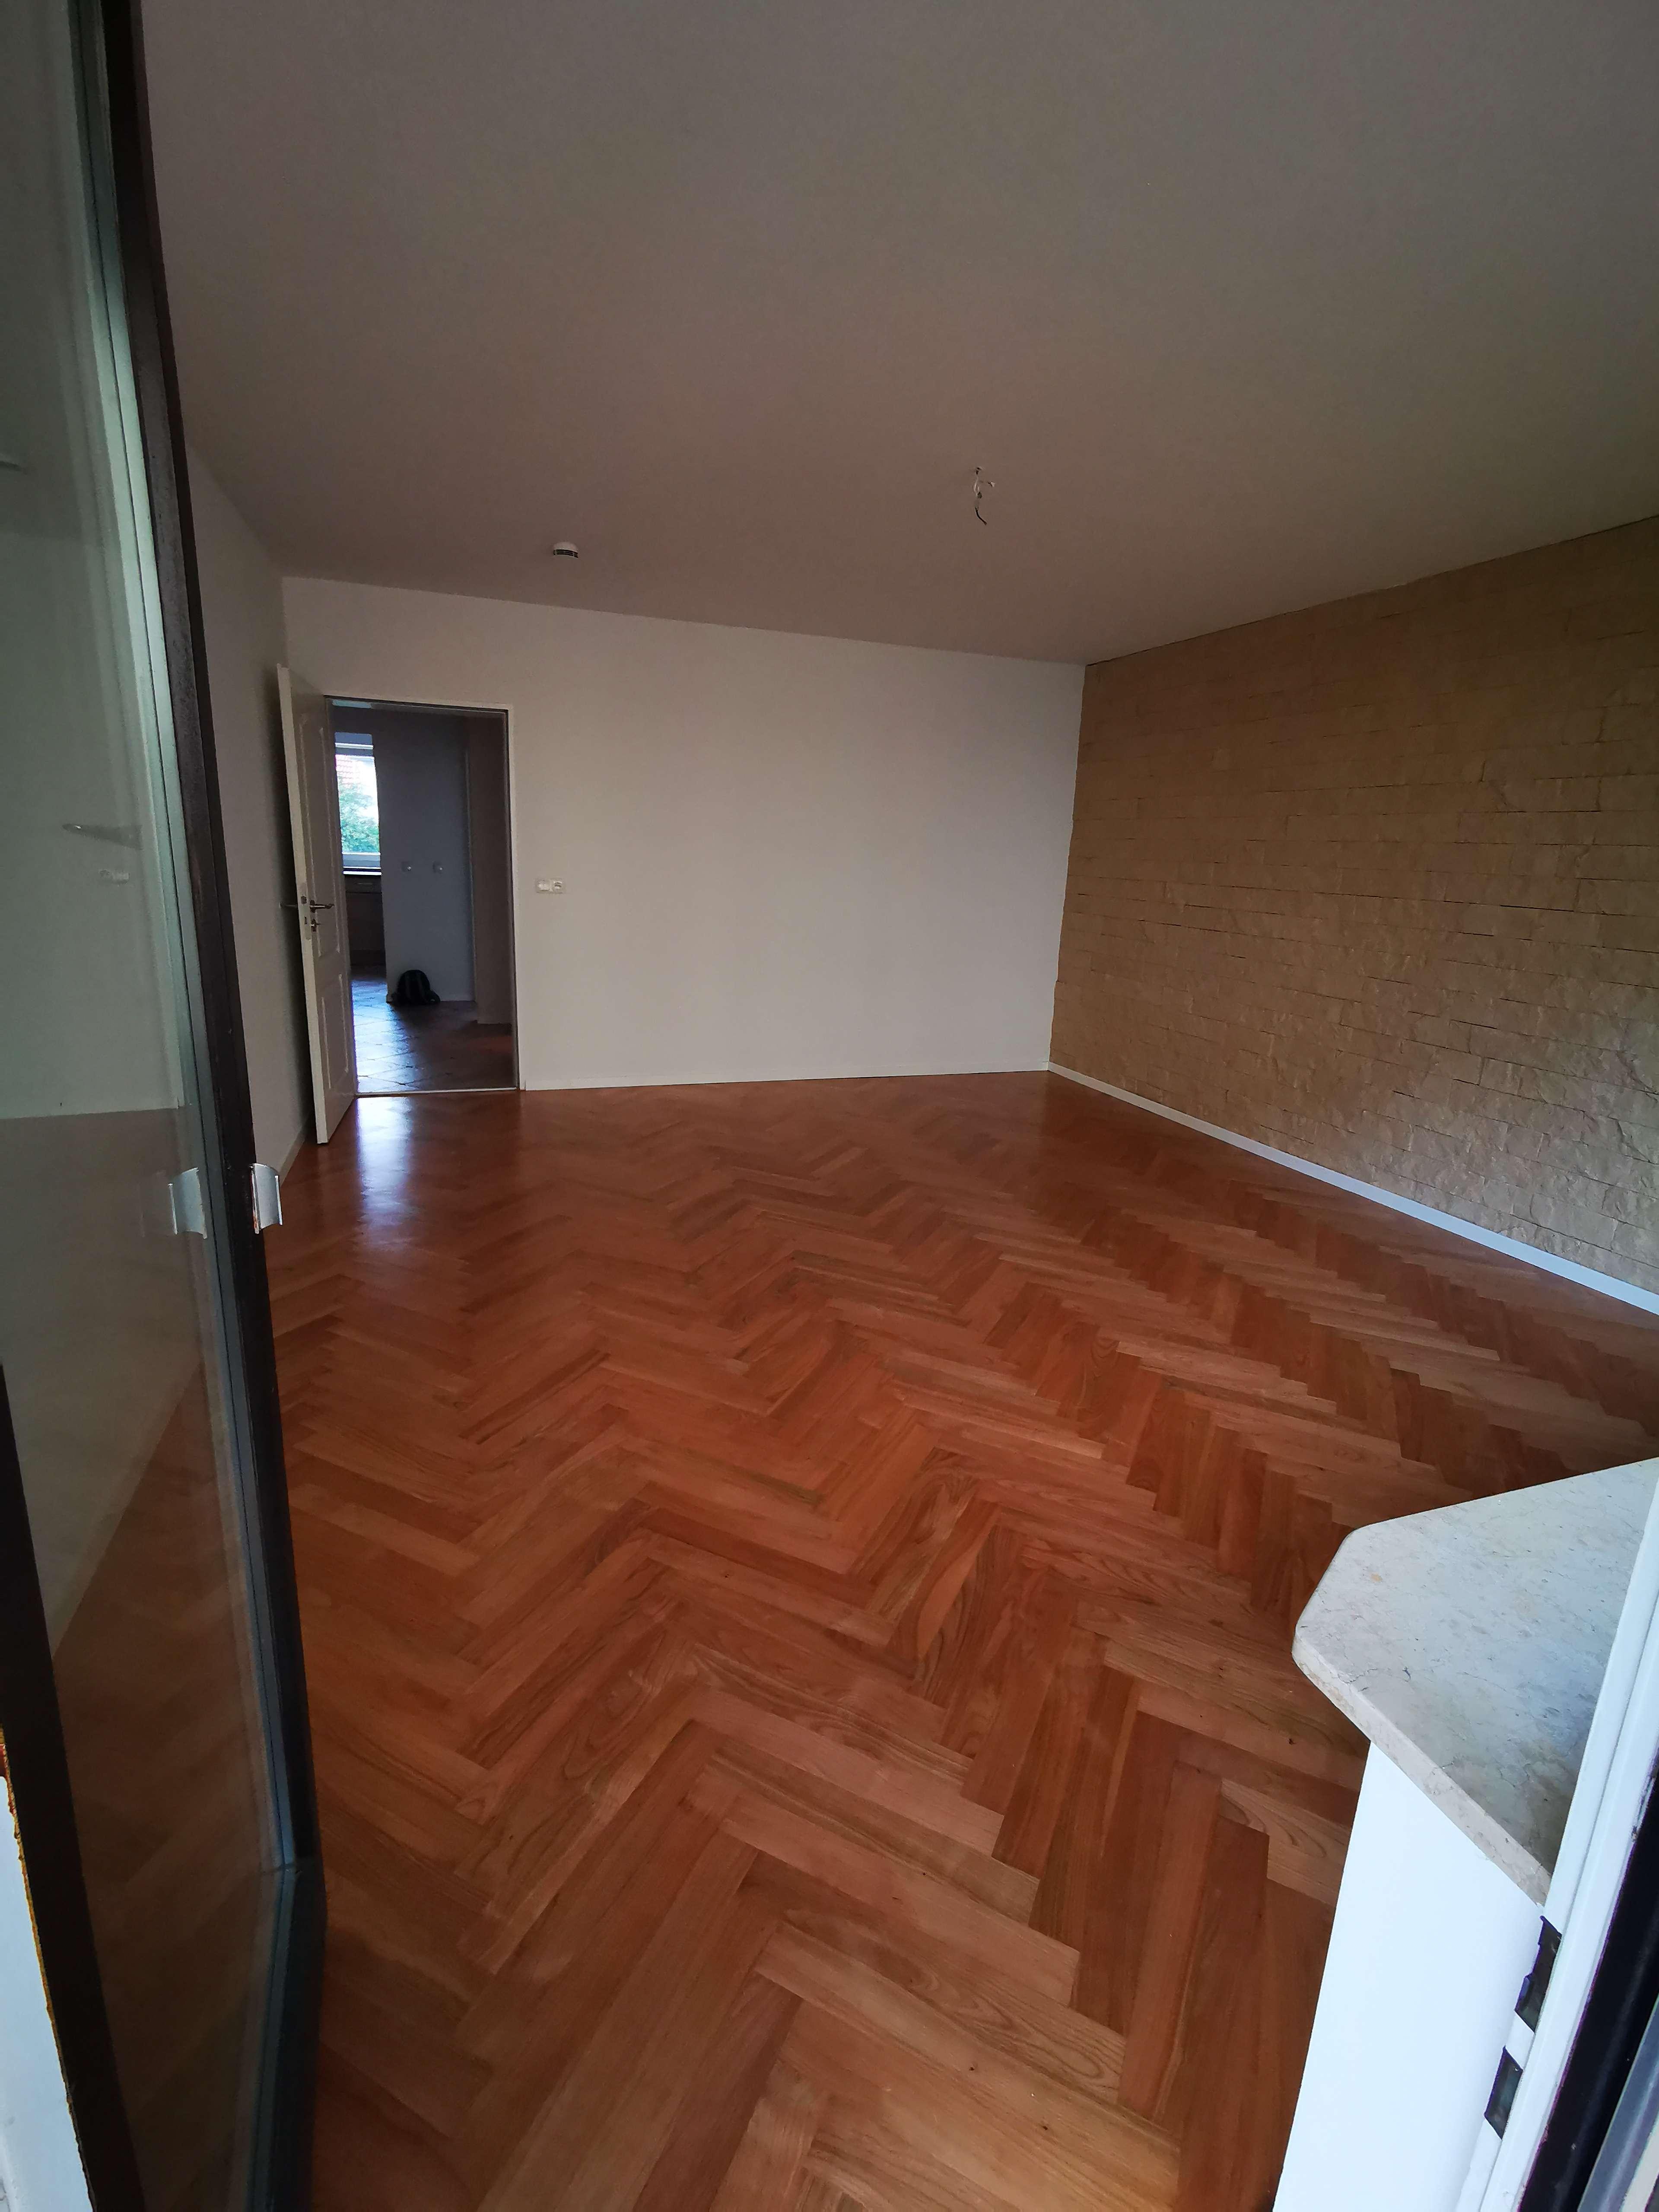 Exklusive, vollständig renovierte 3-Zimmer-Hochparterre-Wohnung mit Balkon und EBK in Emmering in Emmering (Fürstenfeldbruck)